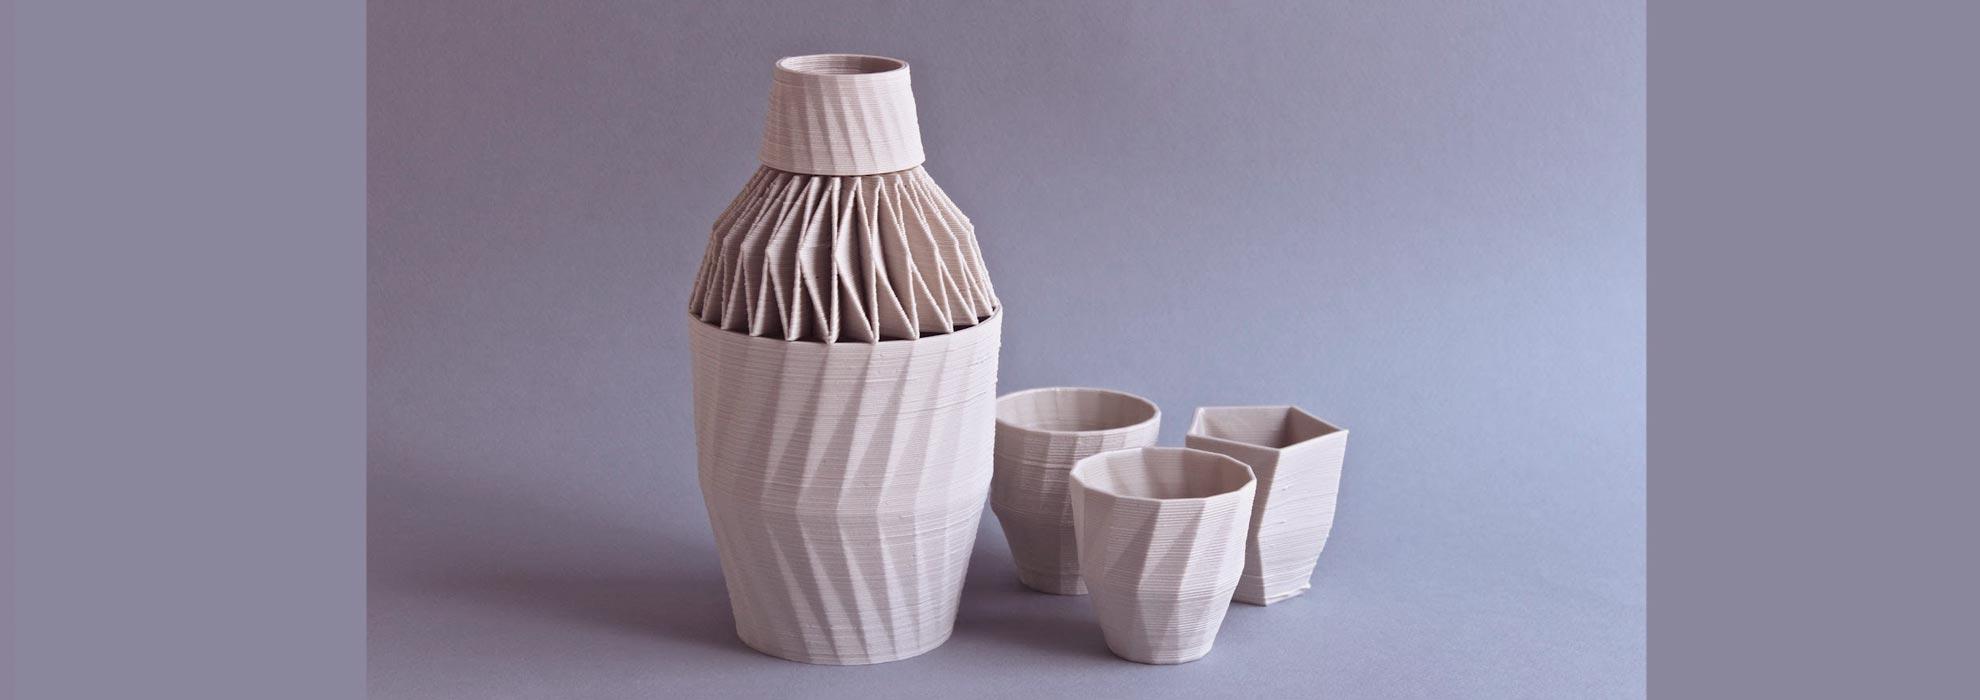 Графин и стаканы изготовленные на 3Д принтере